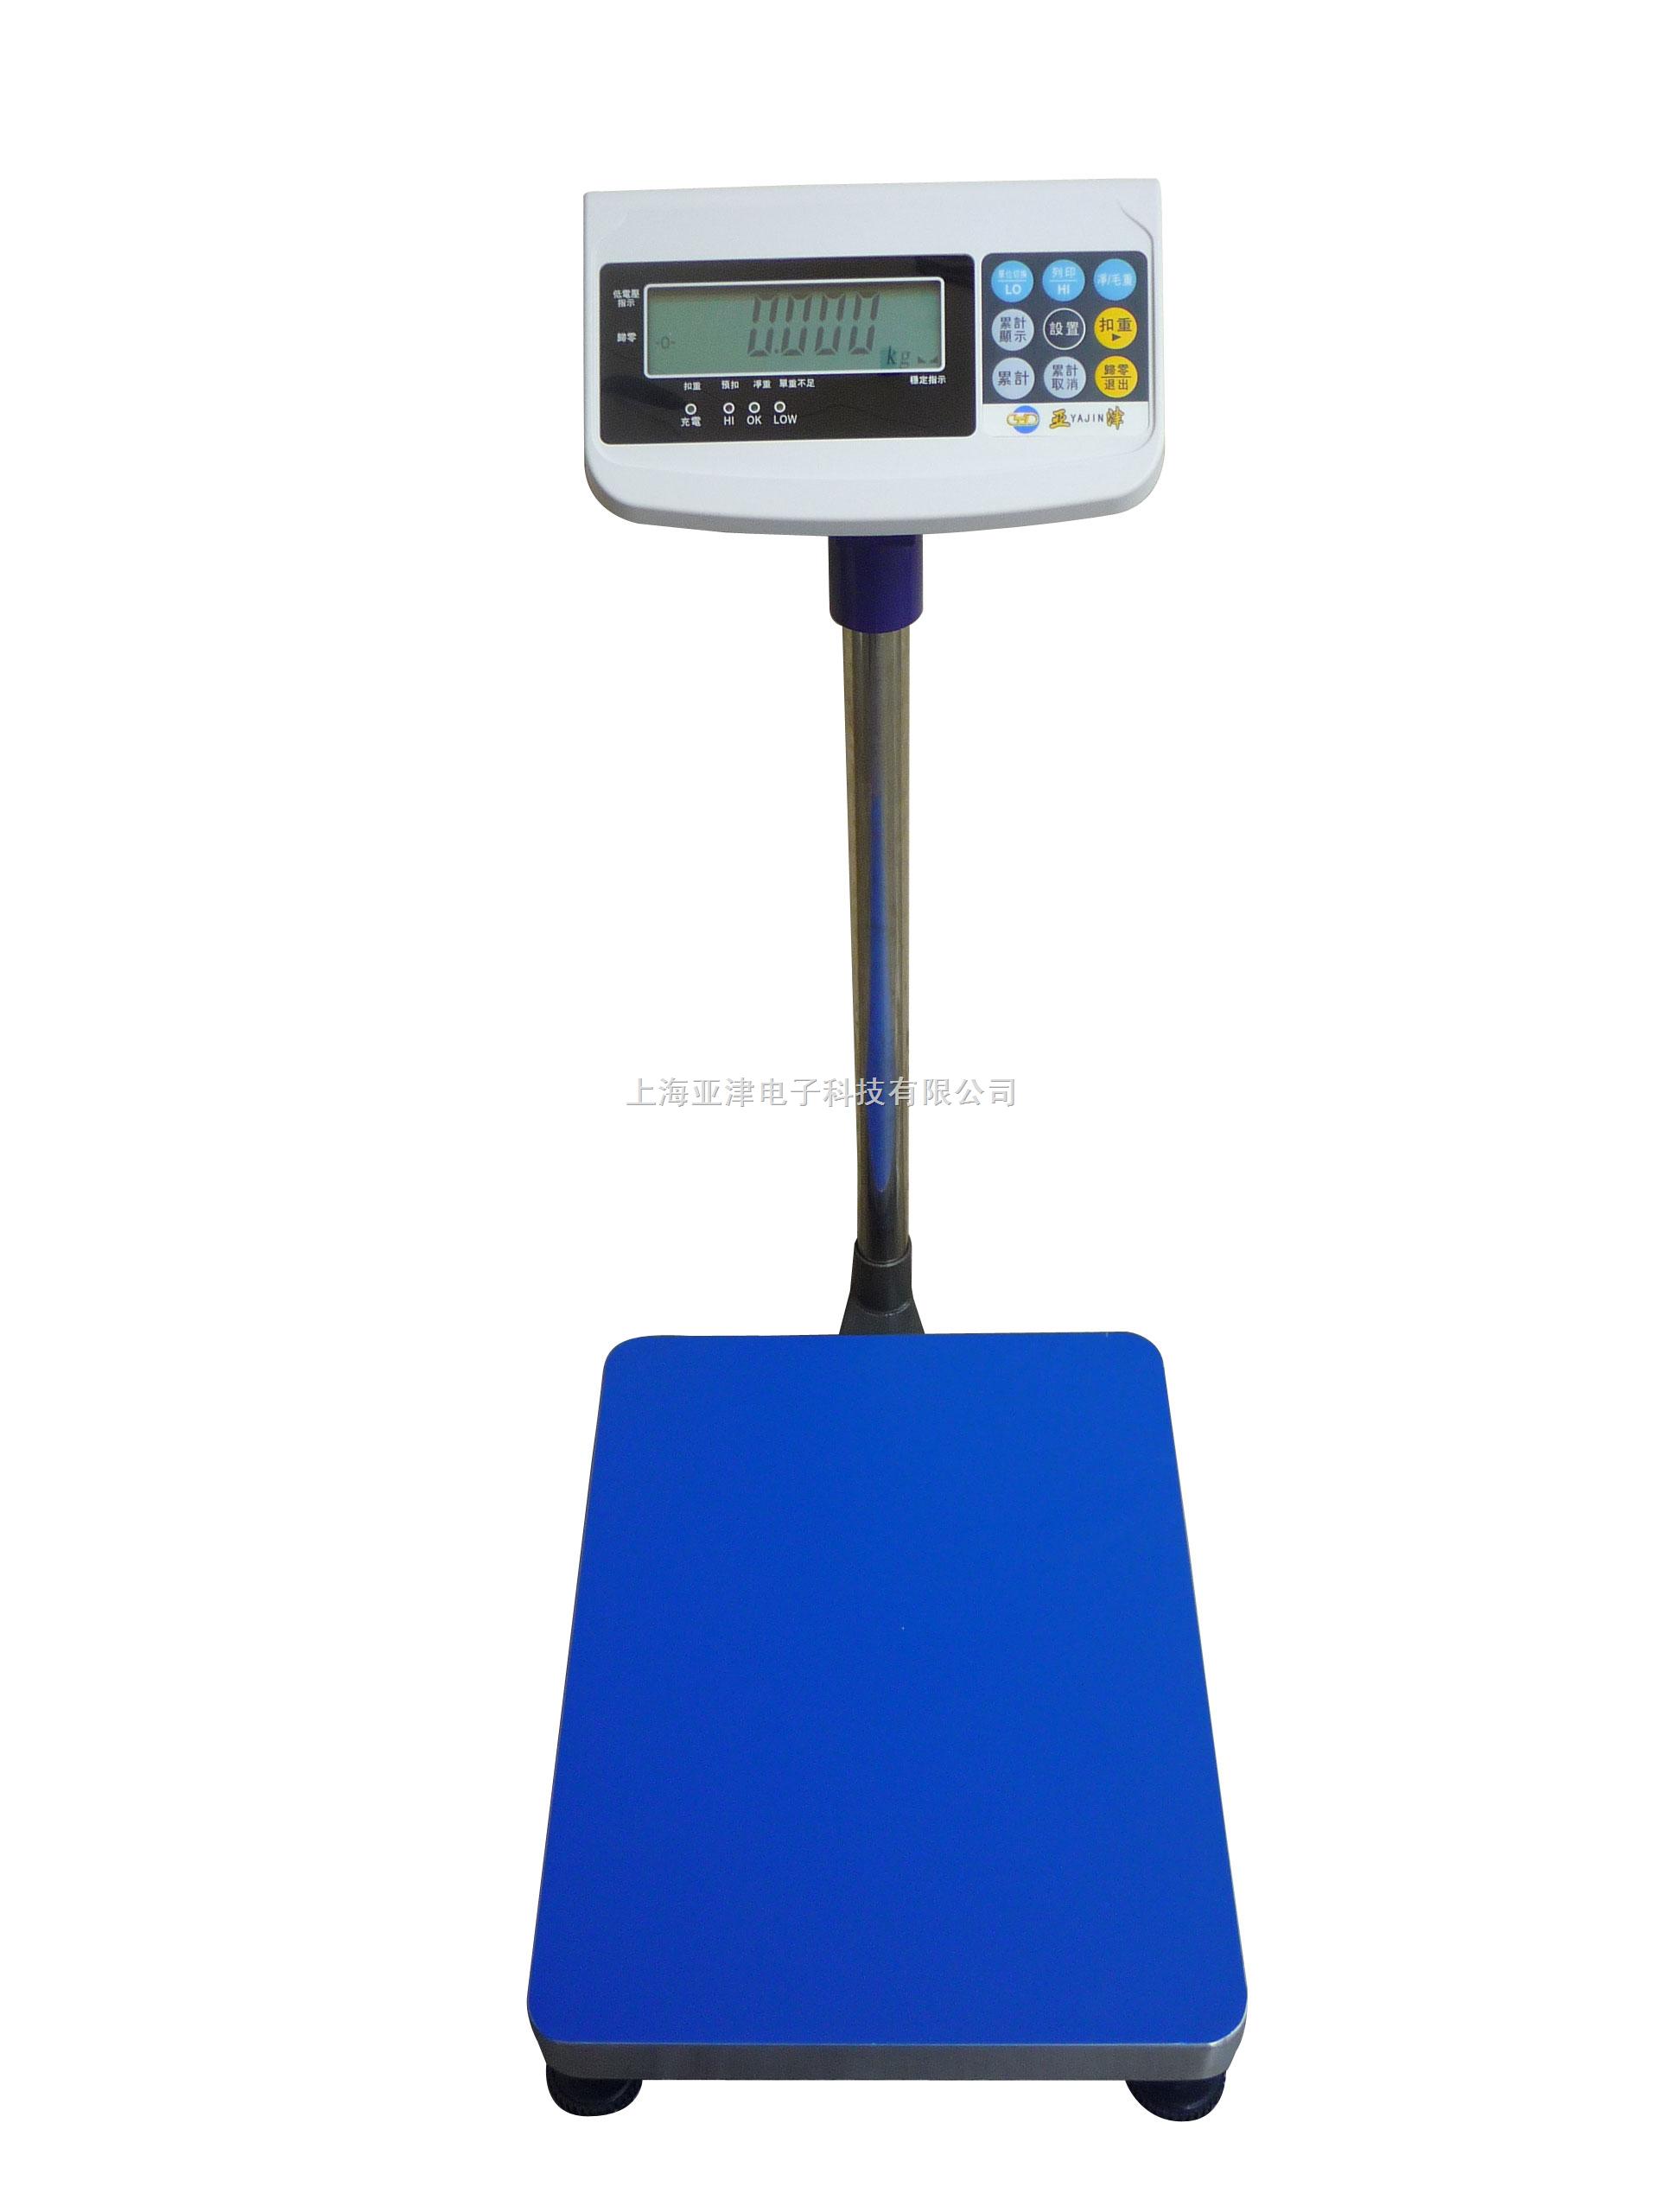 南京500kg电子称价格,上海200kg电子秤,盐城300kg电子秤